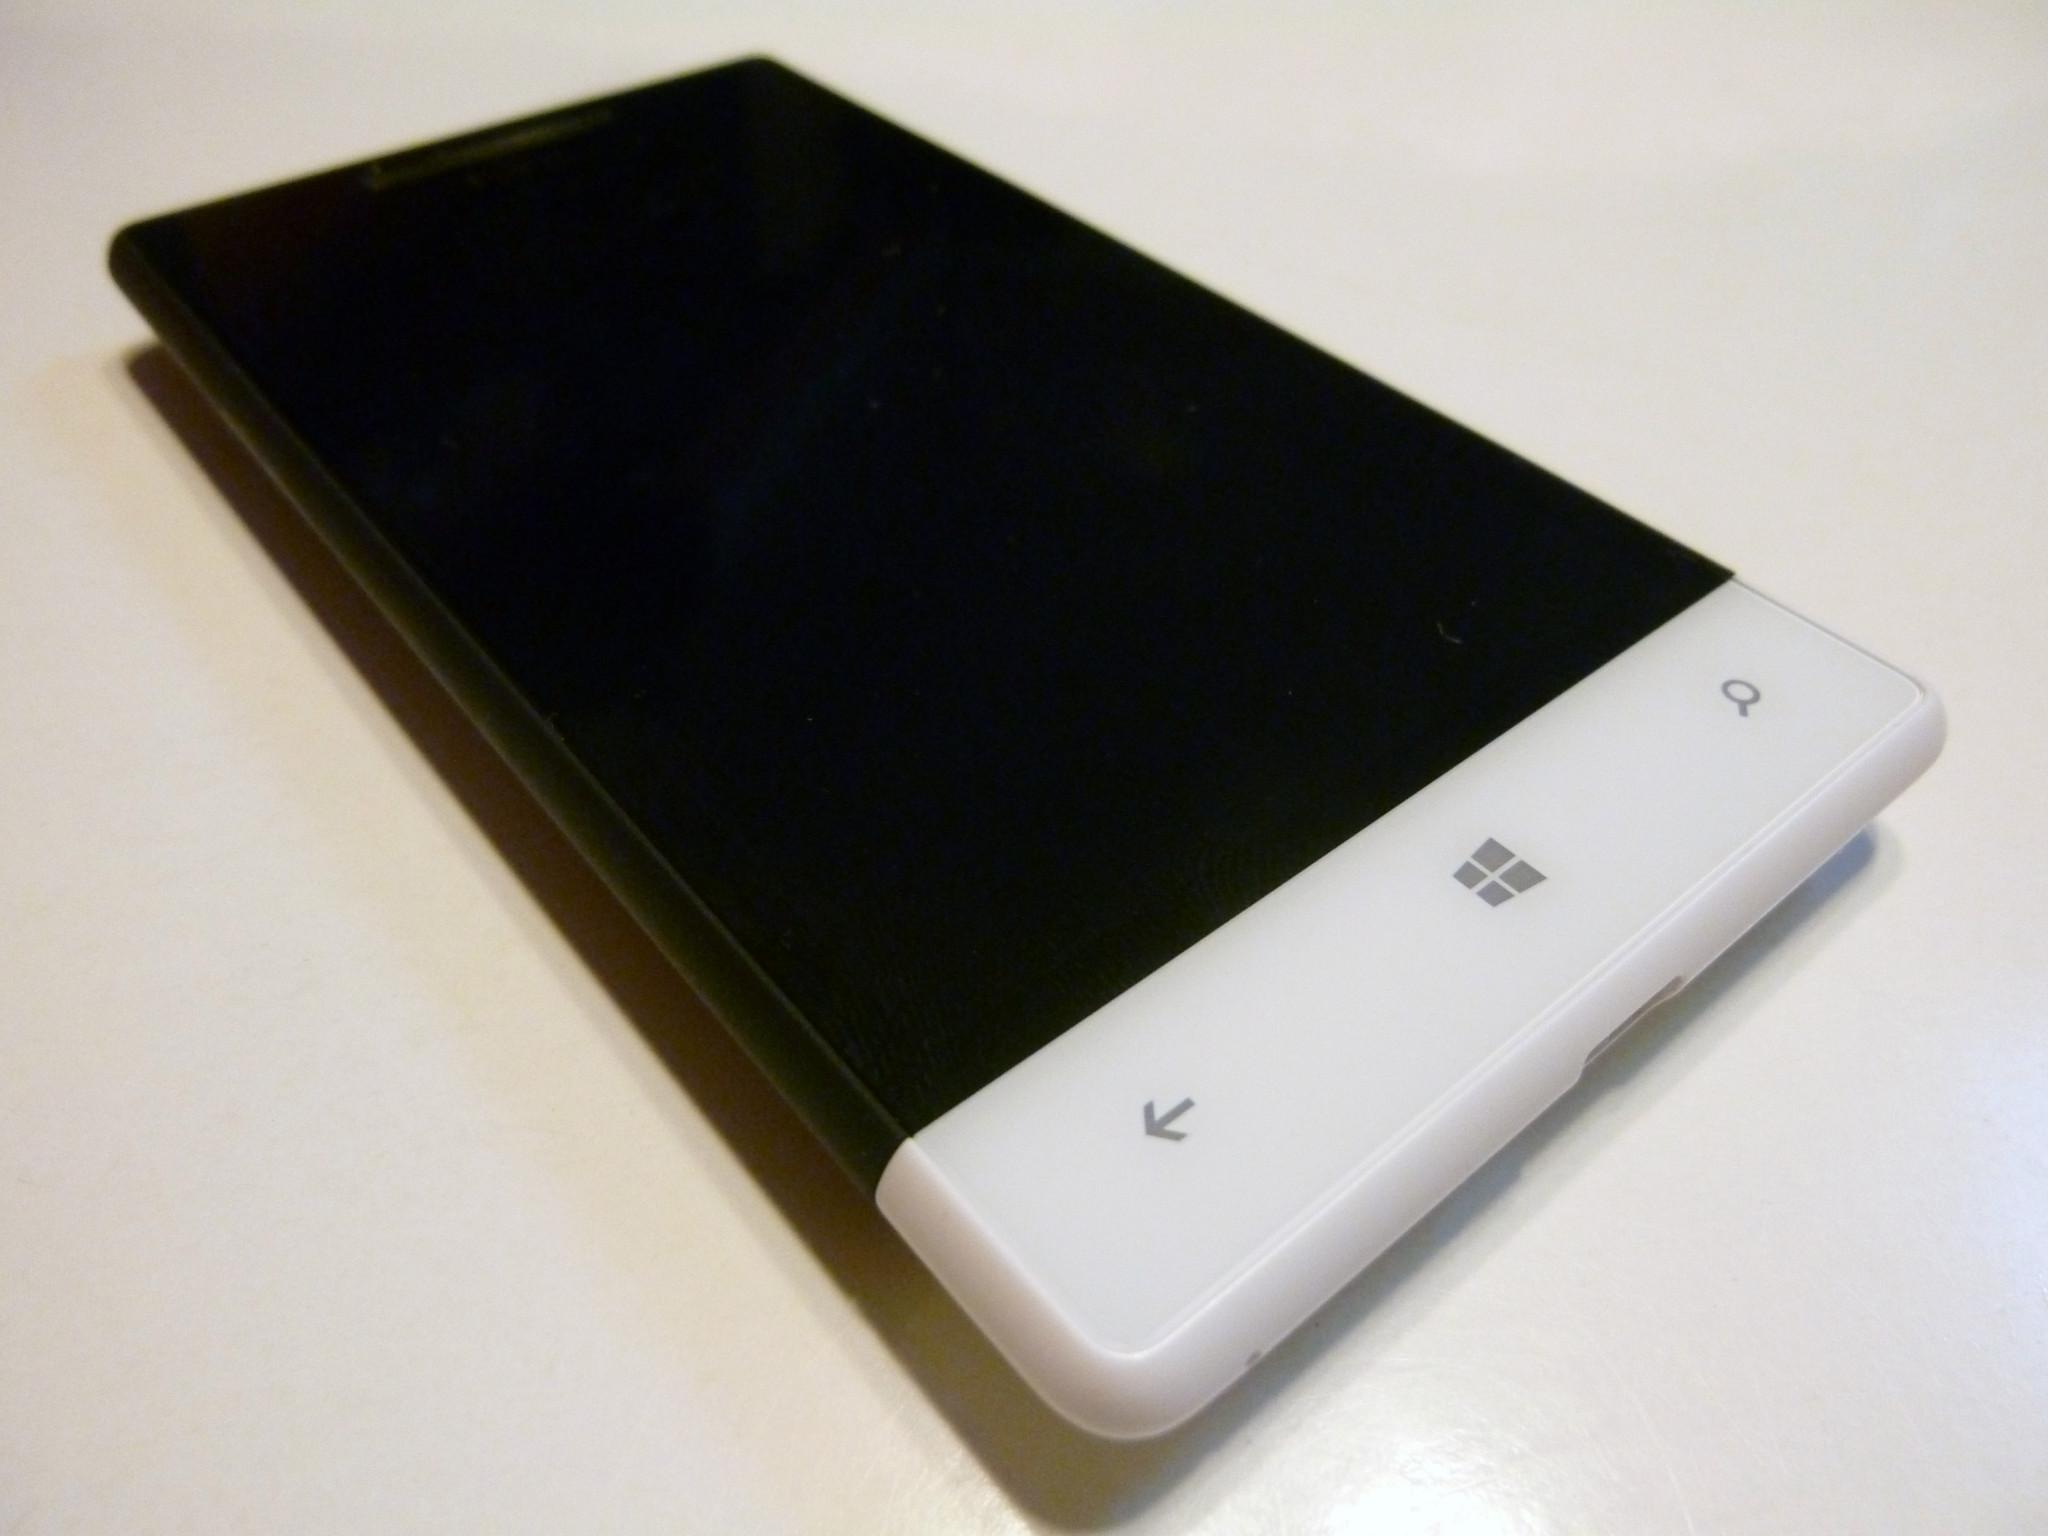 HTC 8S: Král střední třídy pod taktovkou Microsoftu [recenze]